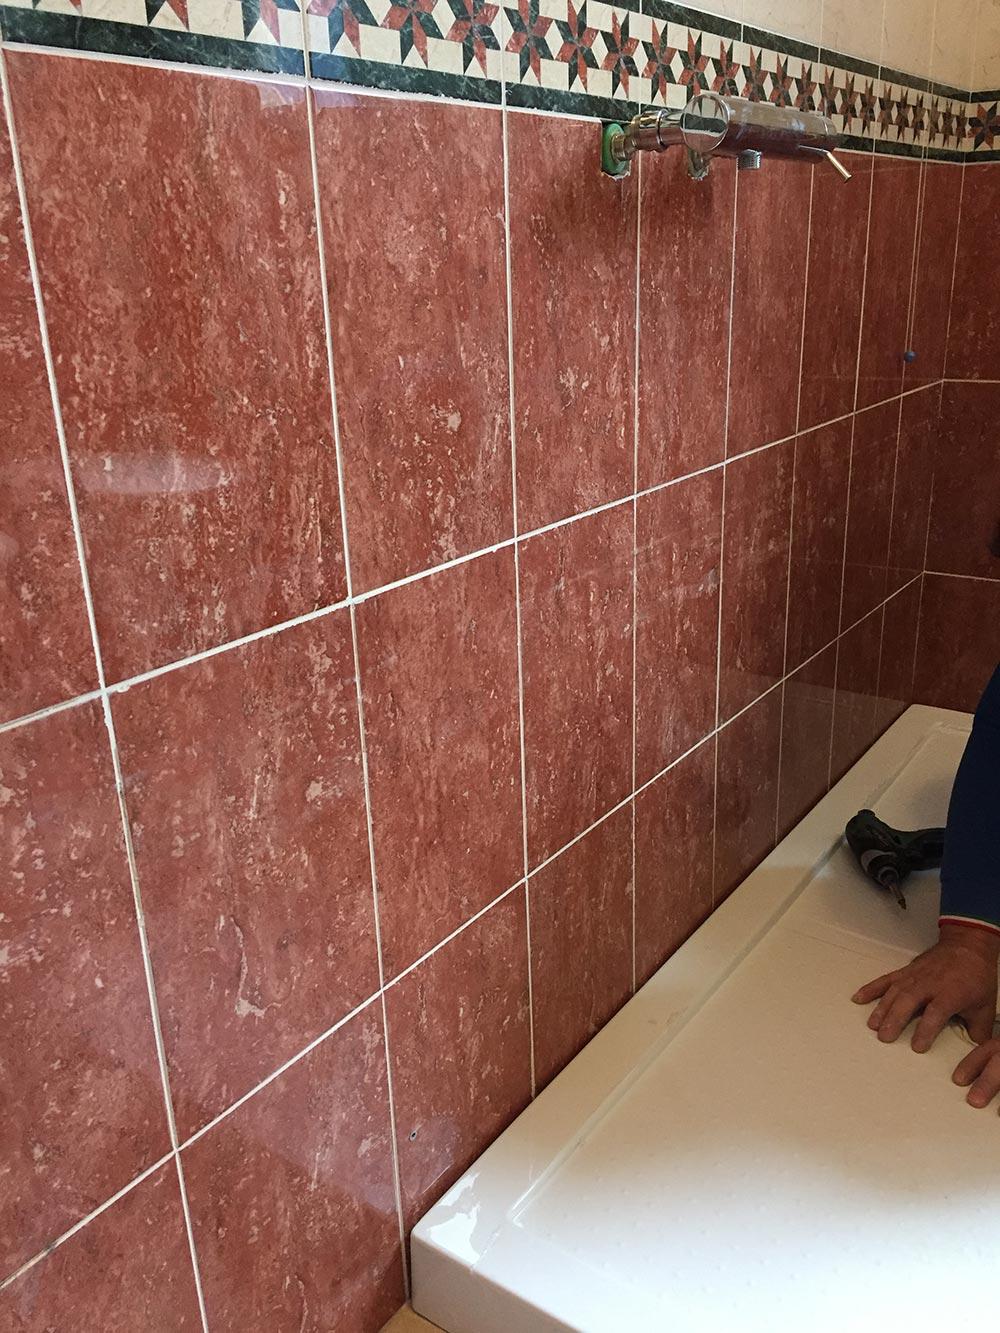 Ristrutturare il bagno - Ristrutturazione bagno sgravi fiscali ...